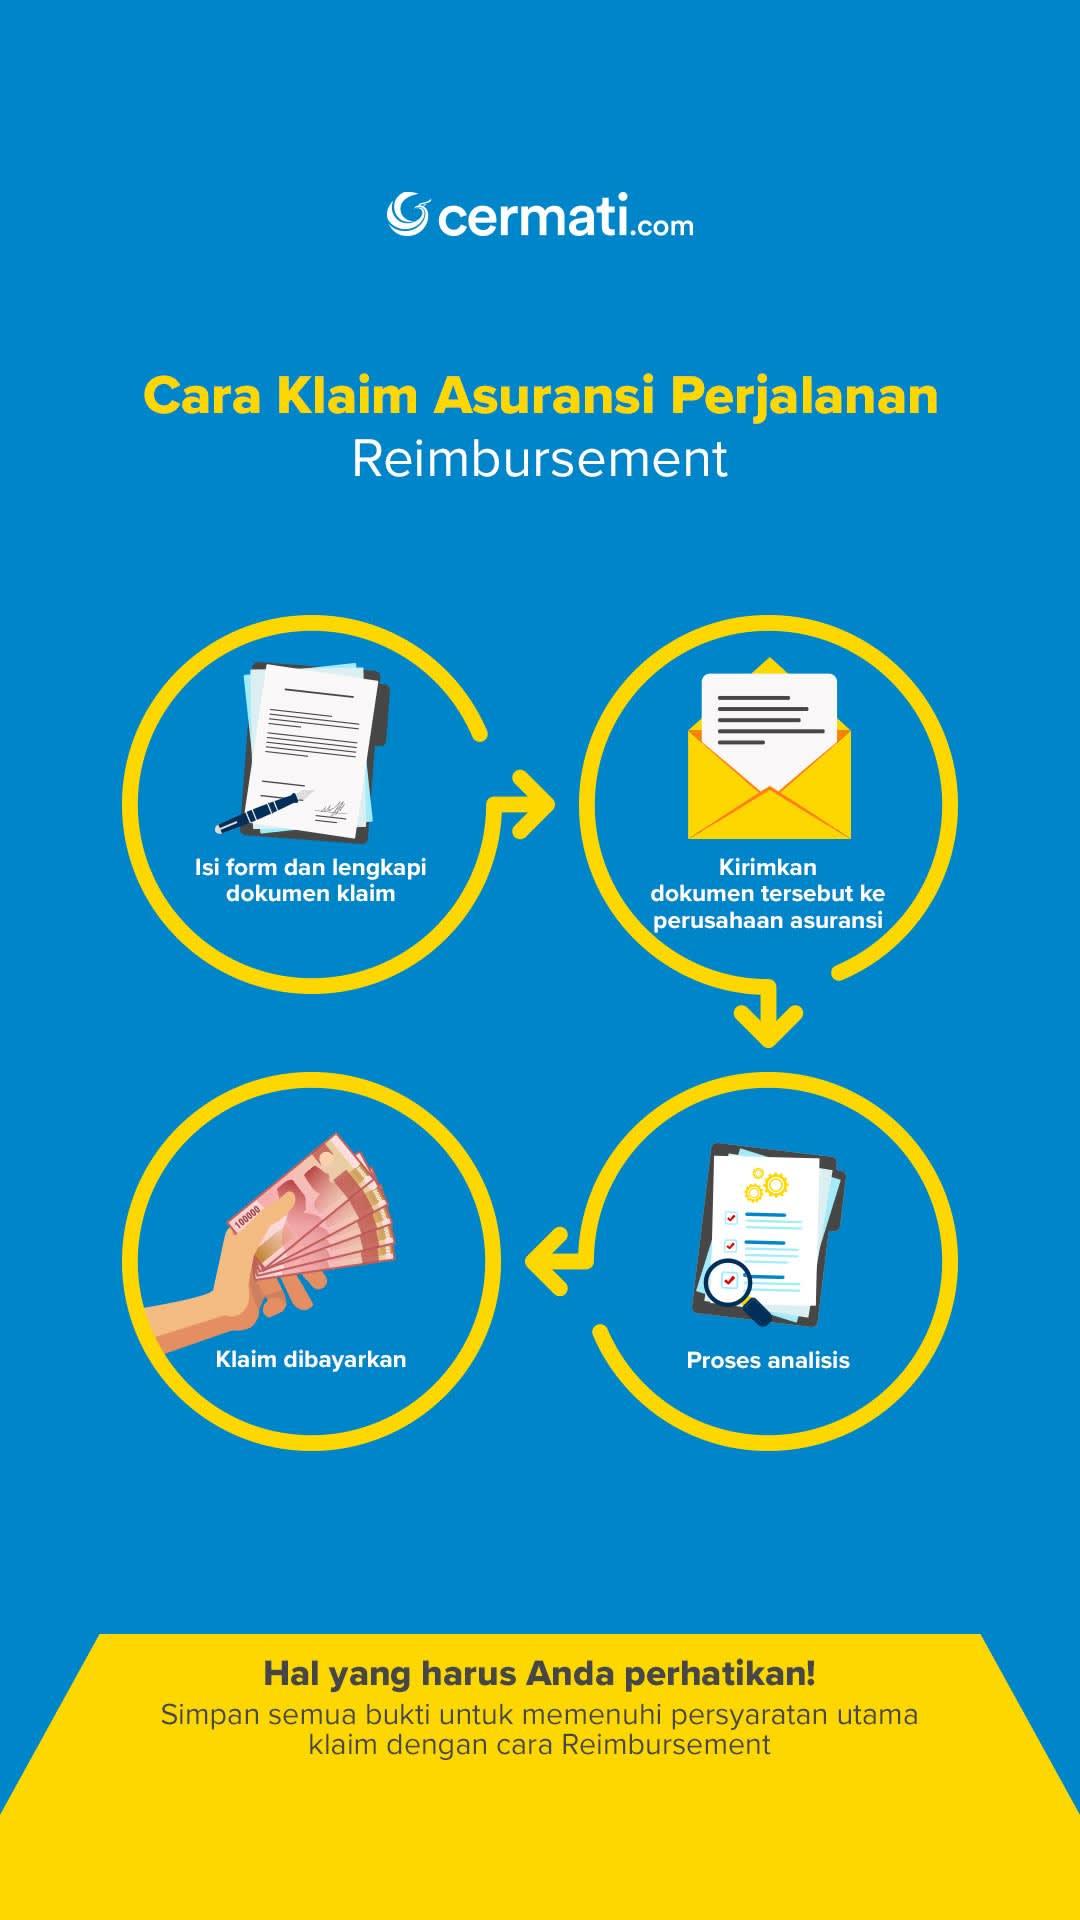 Cara Klaim Asuransi Perjalanan (Reimbursement)-Mobile